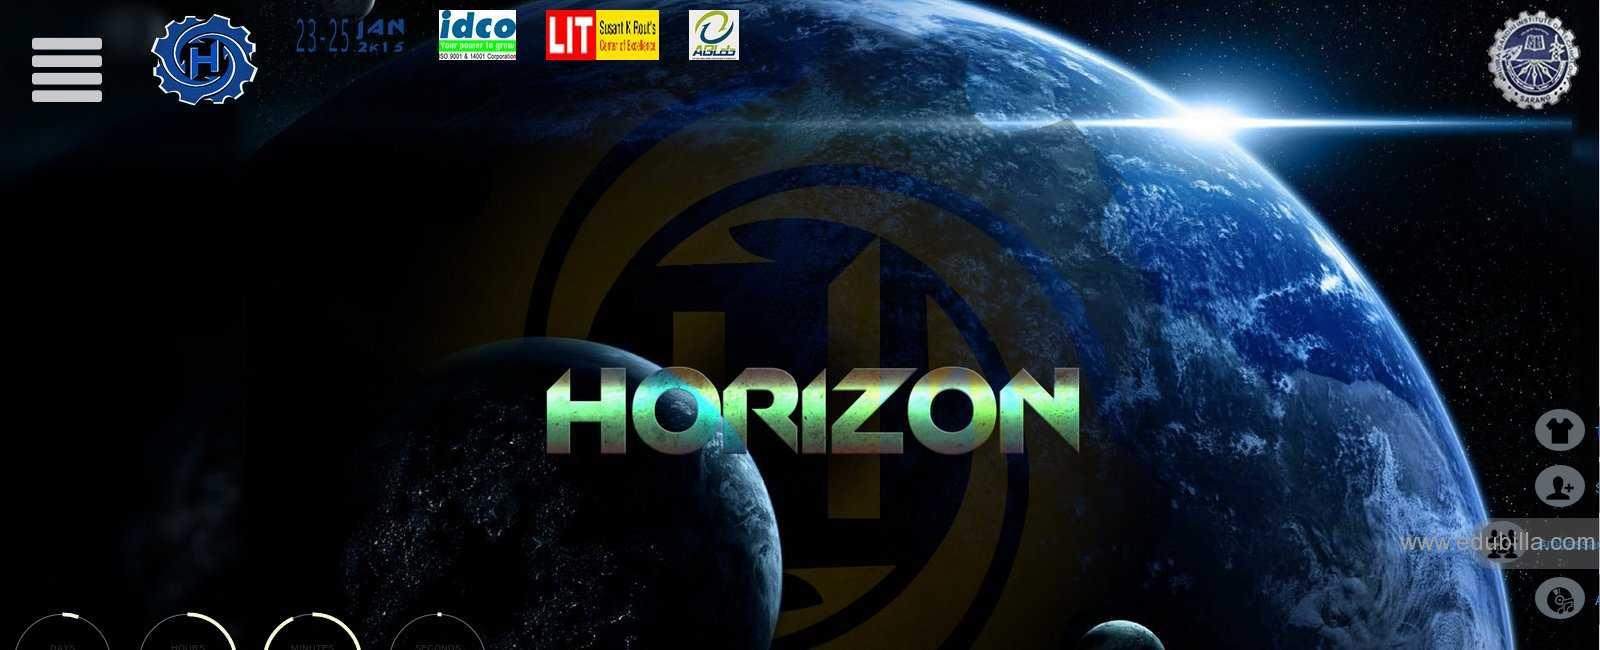 Horizon 2015